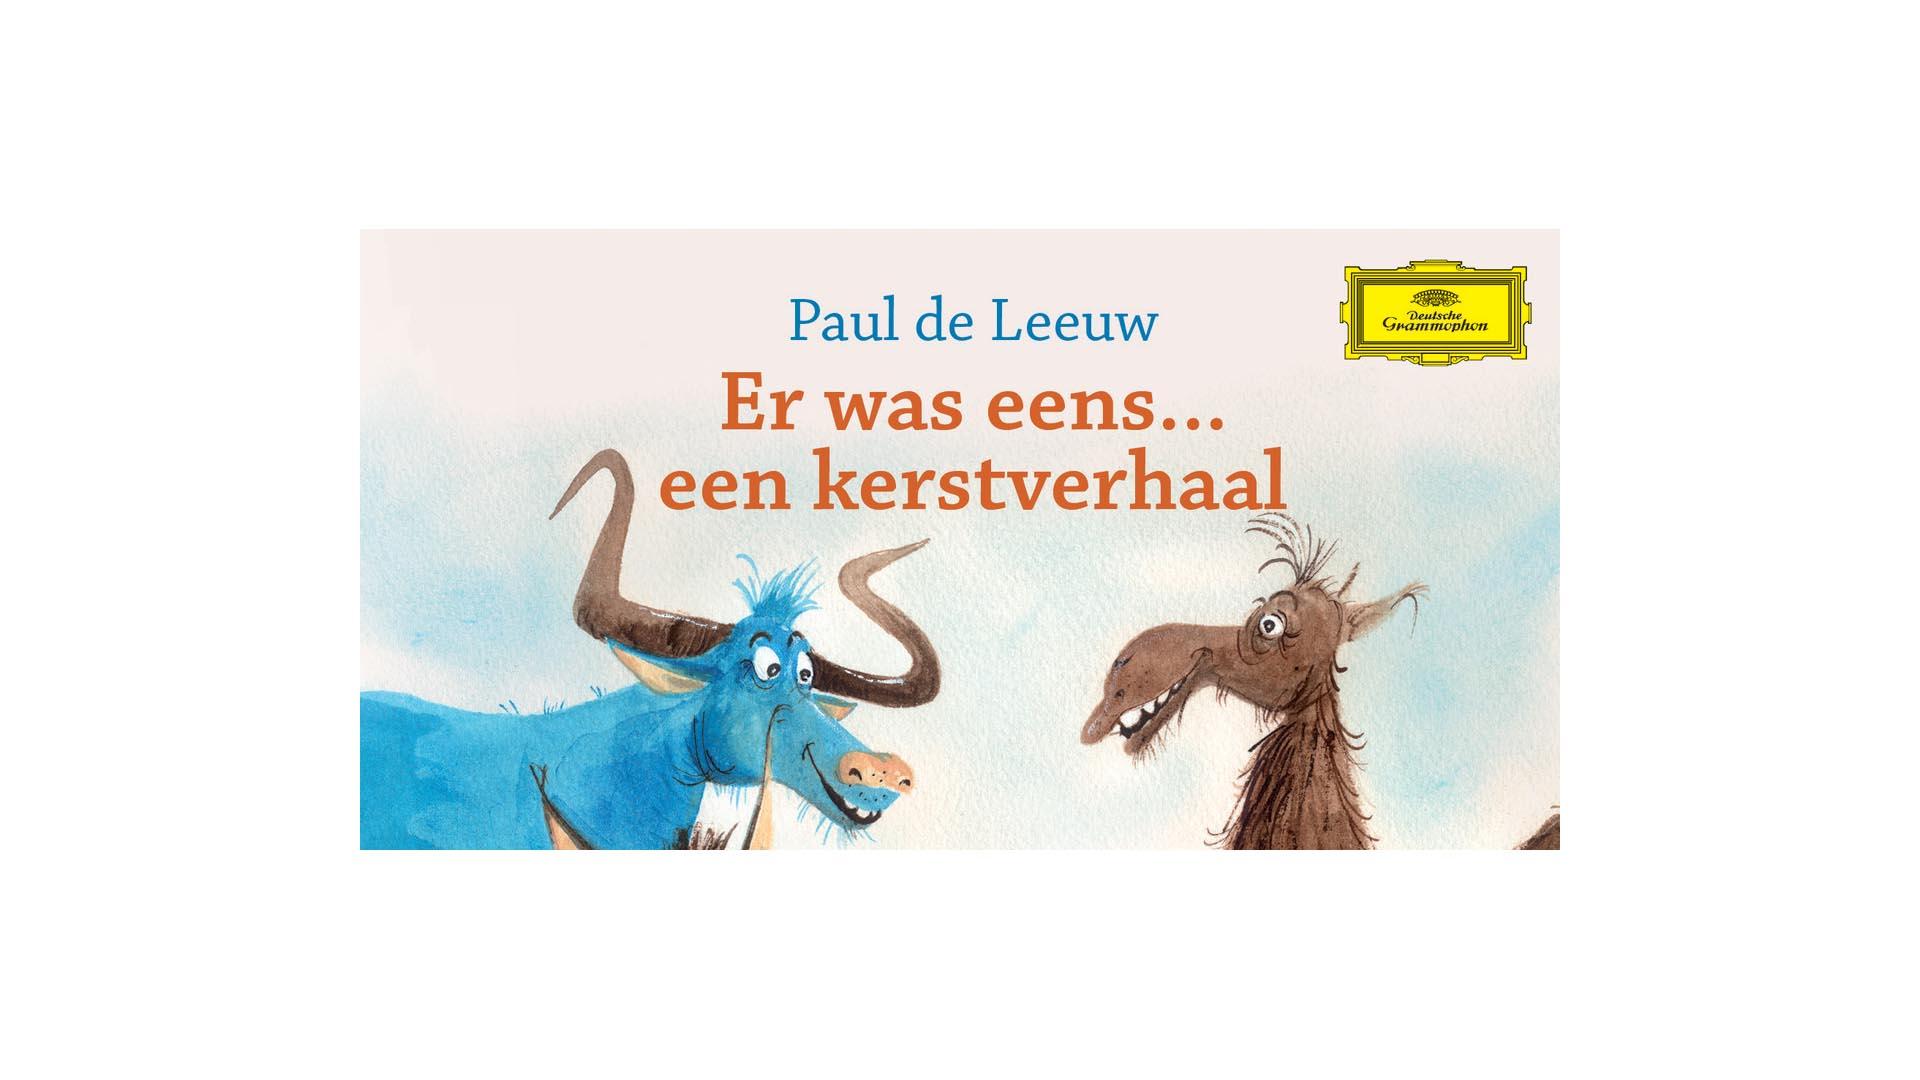 CD Paul de Leeuw